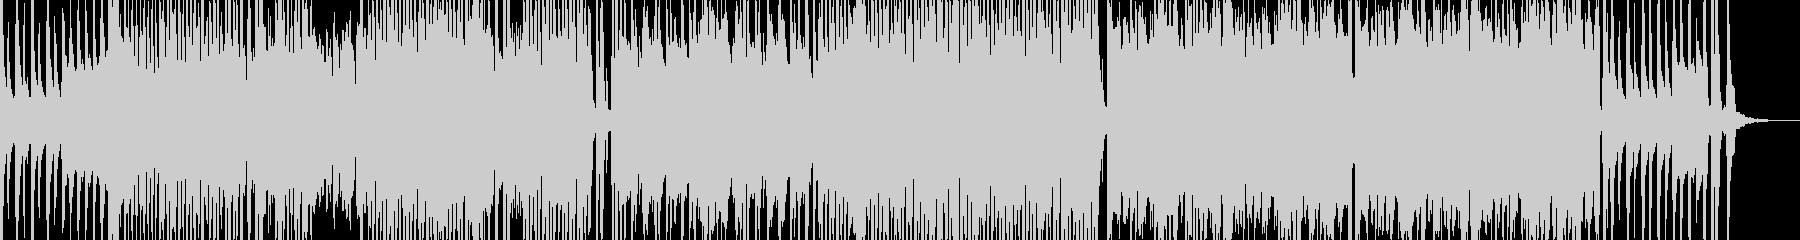 オシャレでポップな弦楽器のBGMの未再生の波形